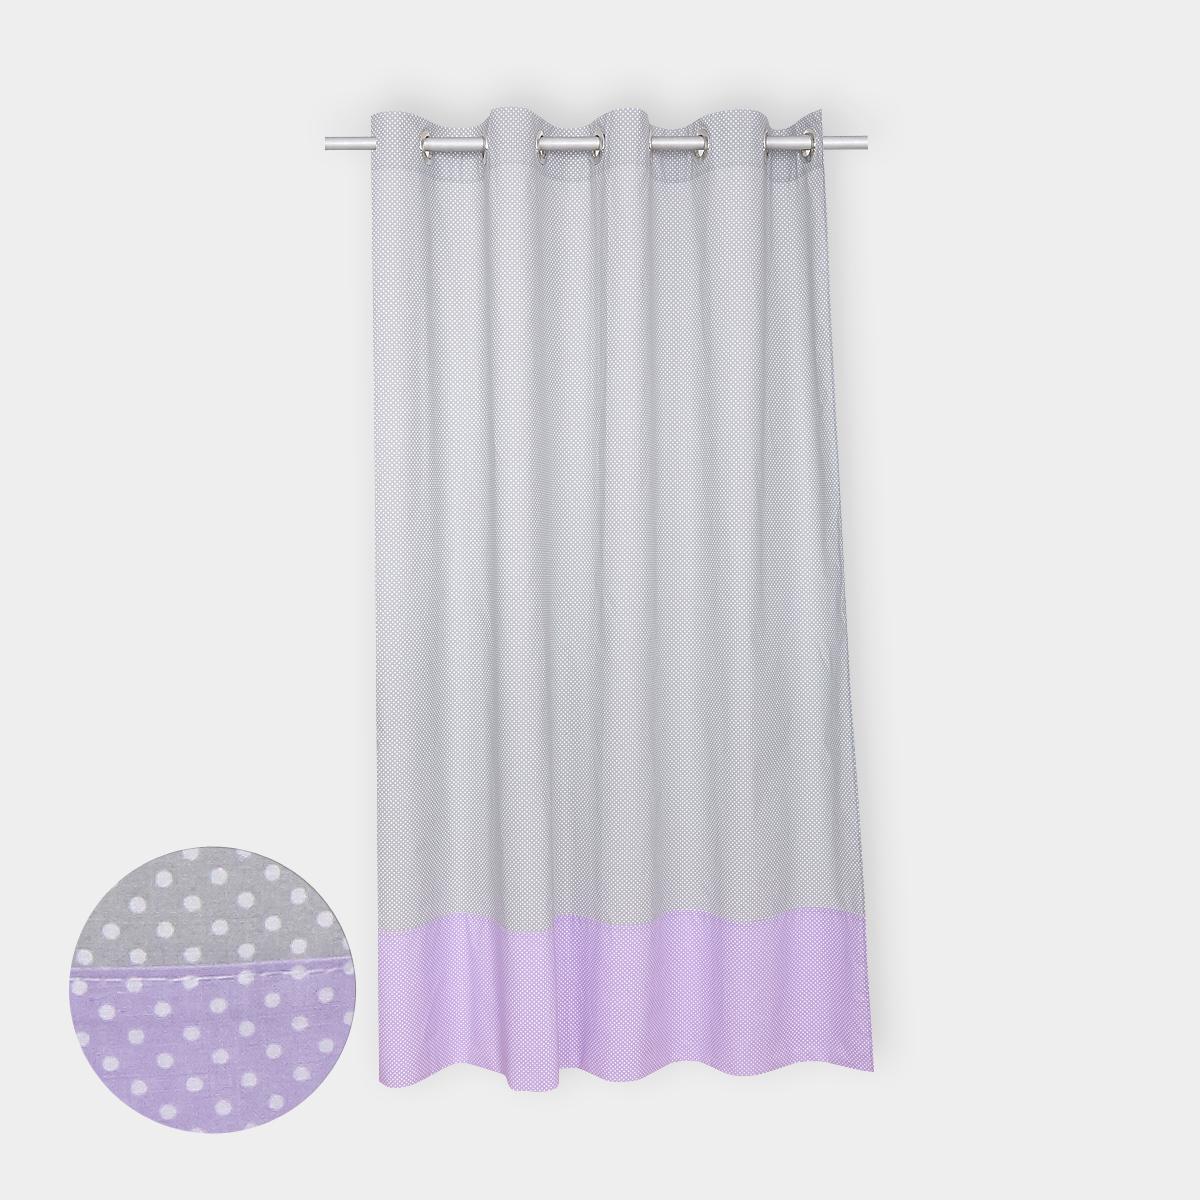 kraftkids gardinen wei e punkte auf grau und wei e punkte auf lila l nge 170 cm. Black Bedroom Furniture Sets. Home Design Ideas